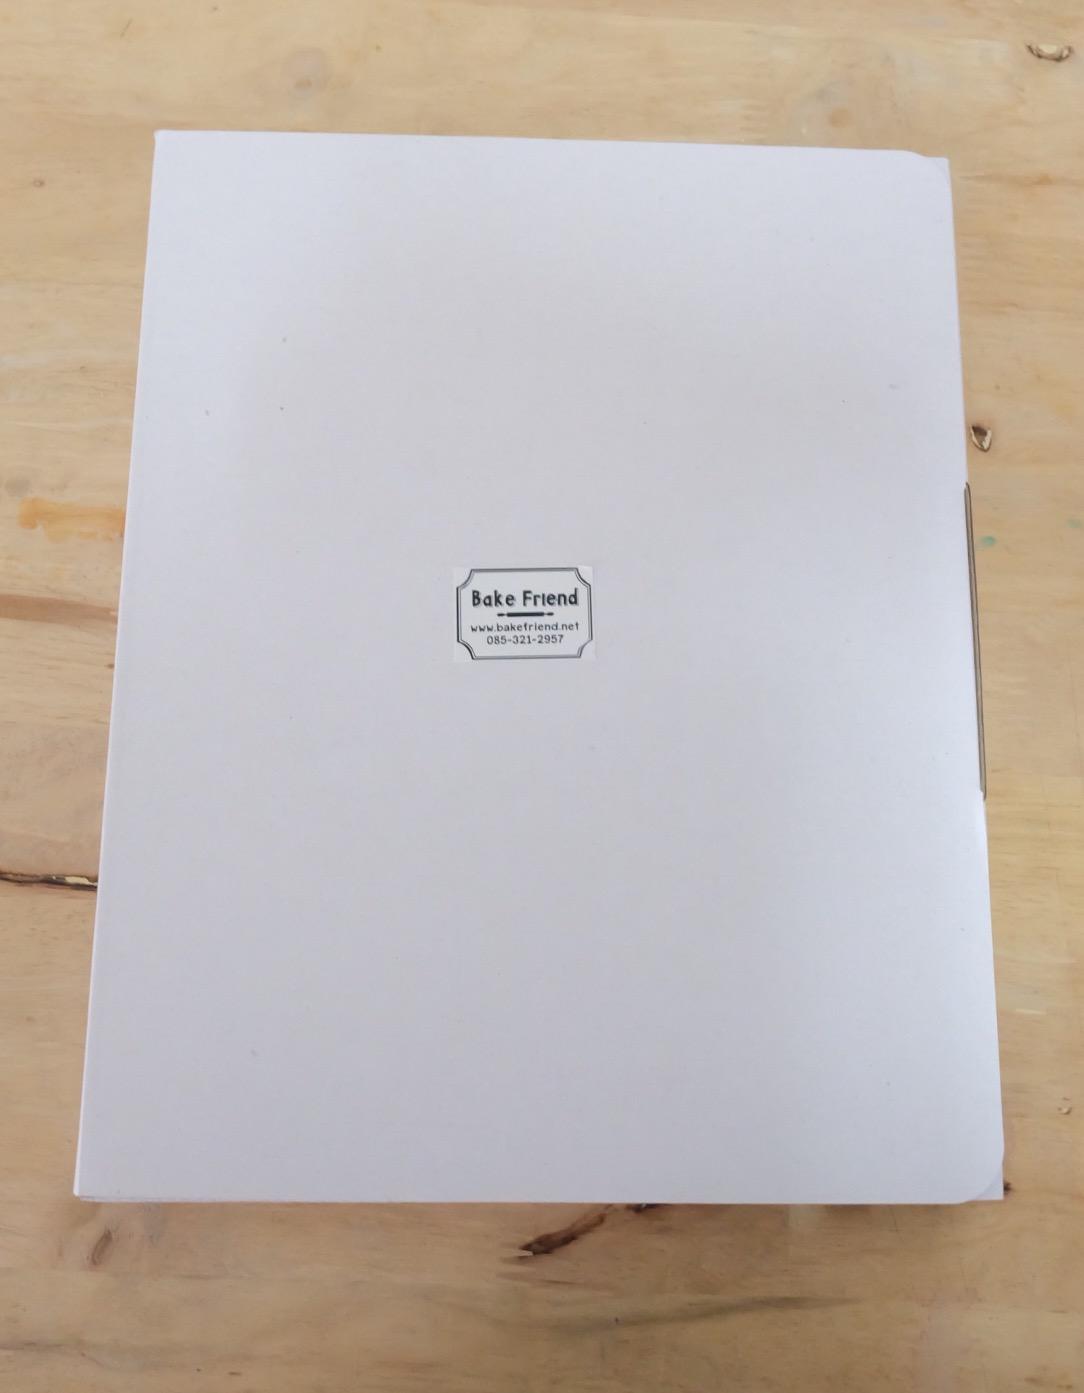 Sugar Sheet /กระดาษน้ำตาล A4 5 แพ็ค สินค้าจากประเทศเกาหลี